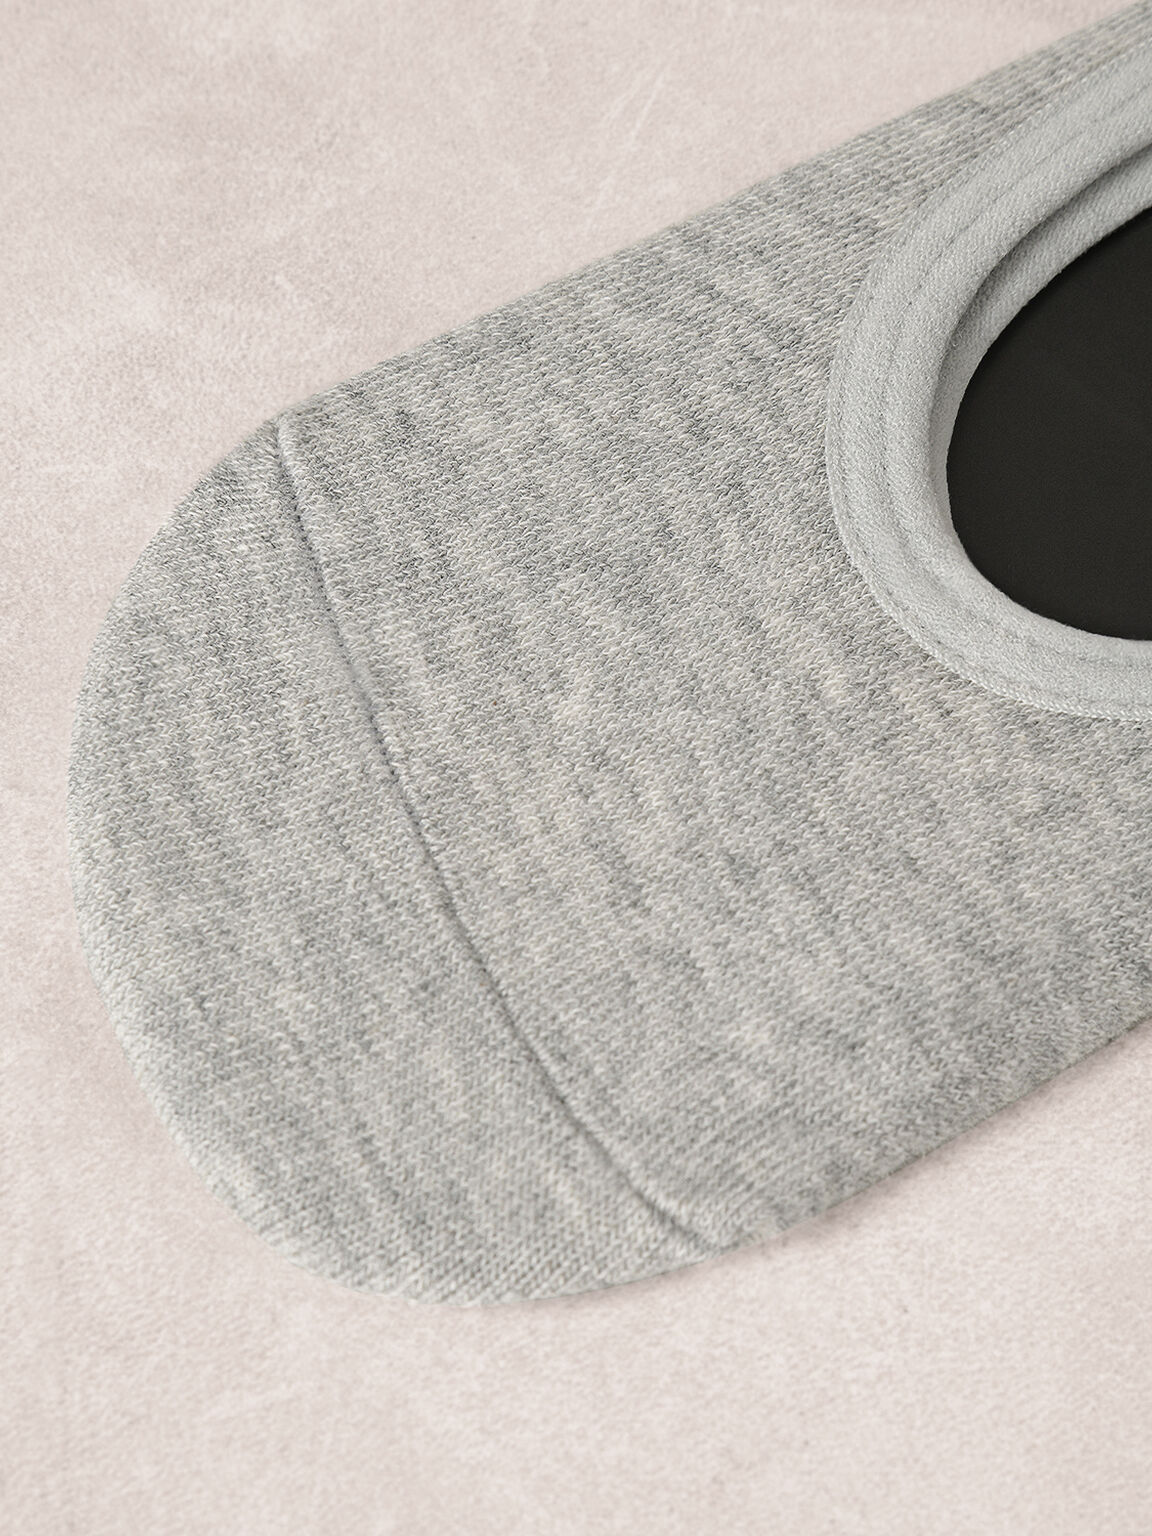 Women's Loafer Socks, Multi, hi-res